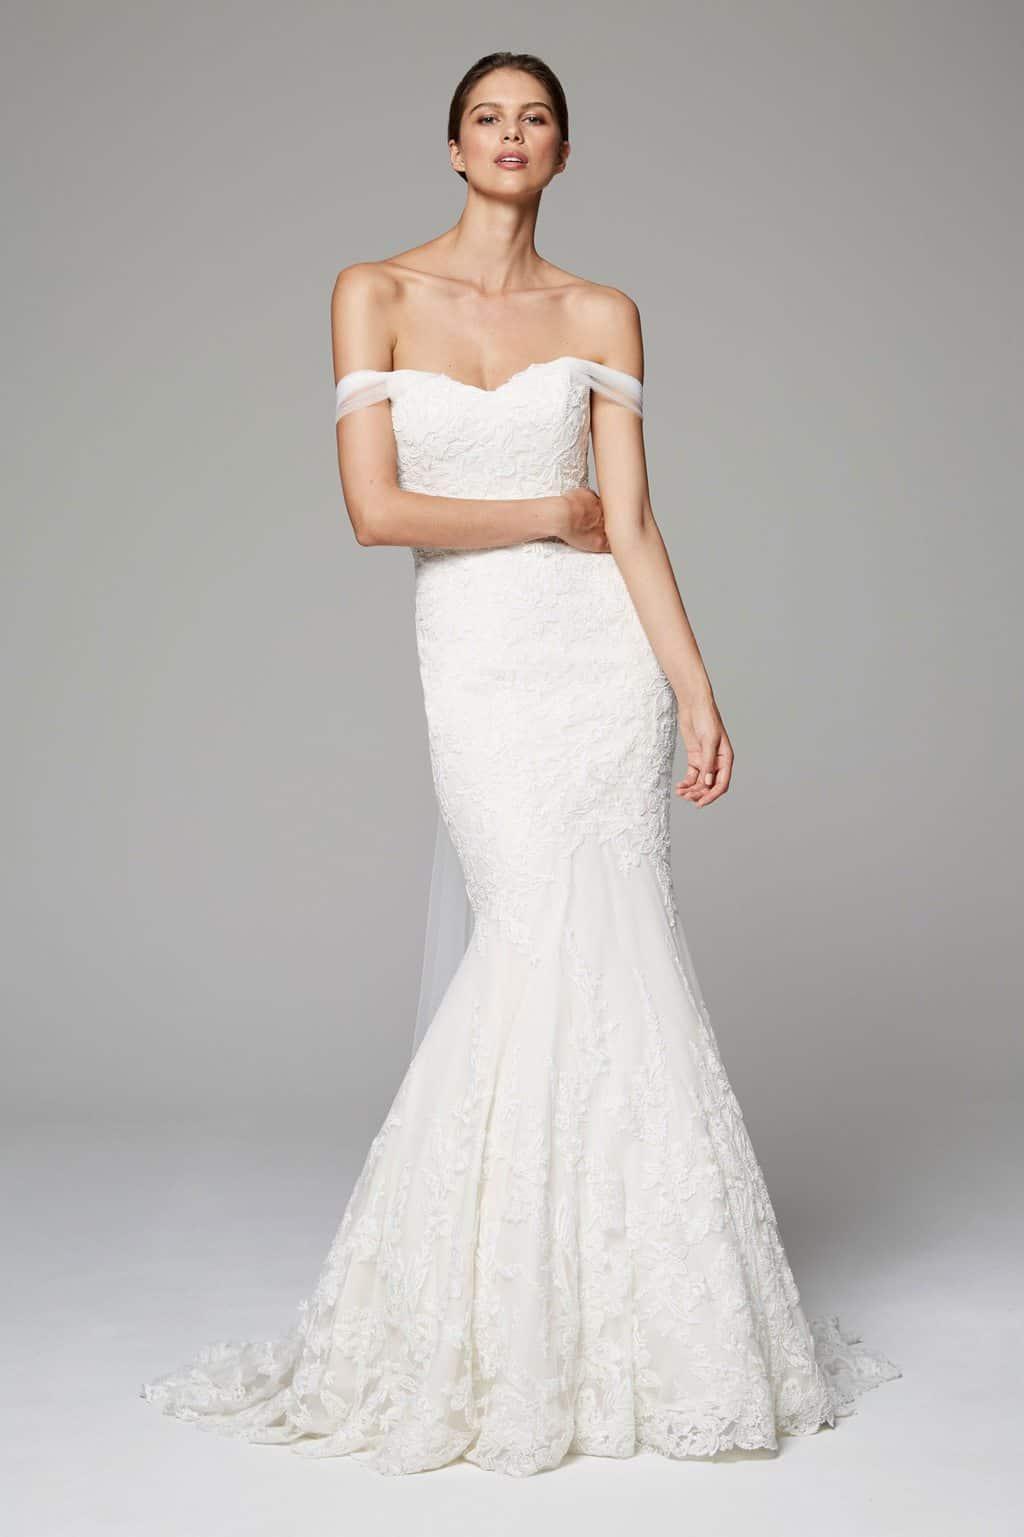 09-Anne-Barge-FW-18-Bridal